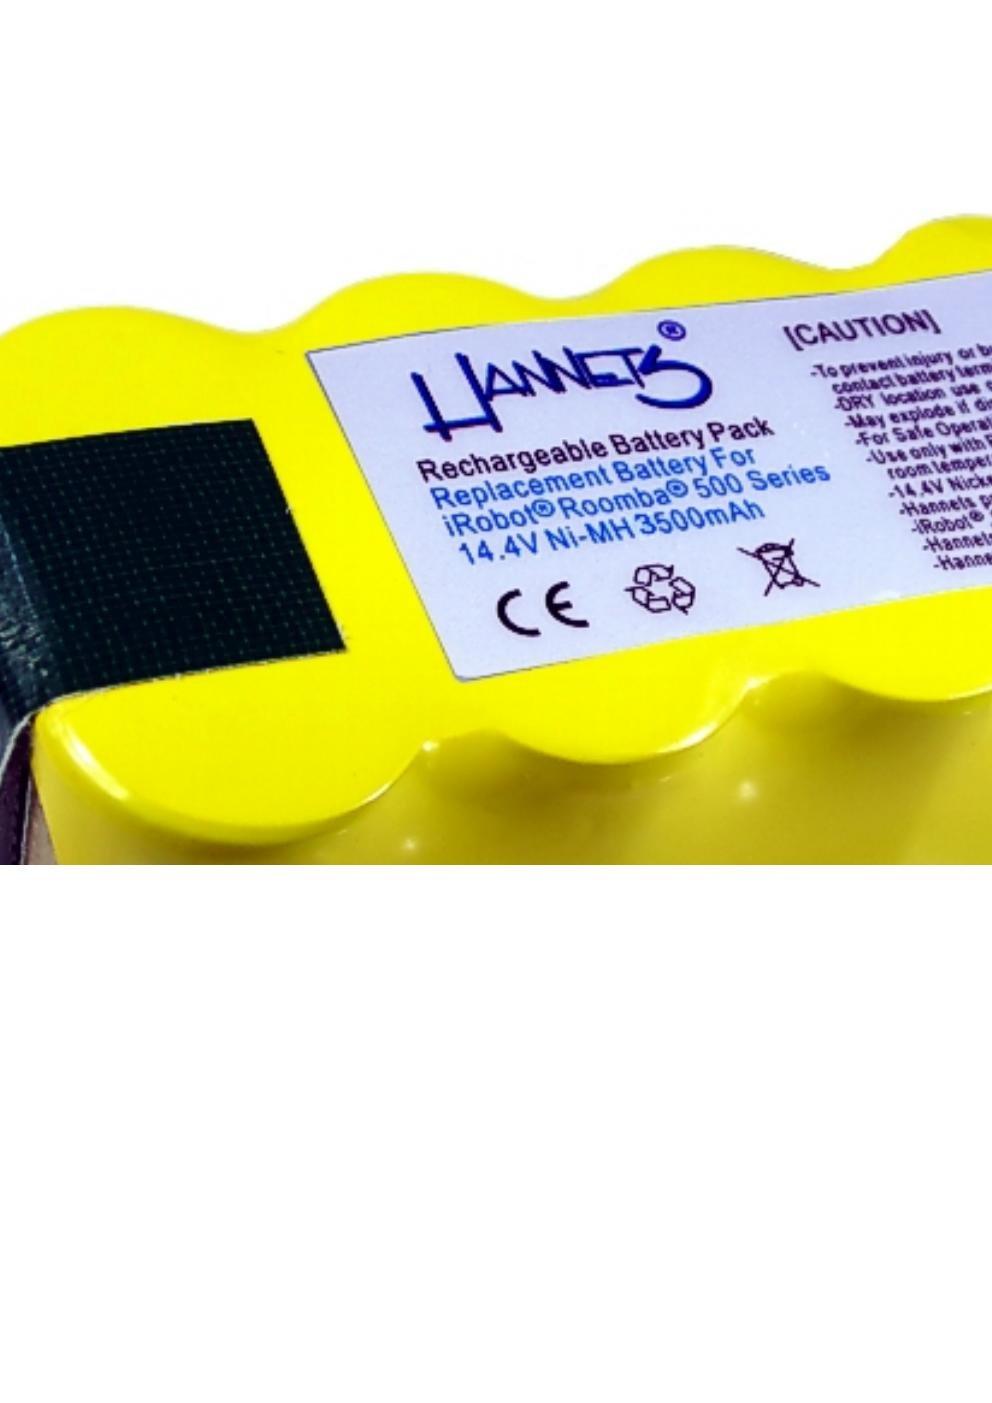 Batterie iRobot 780 Hannets/® de qualit/é I Batterie i-Robot Roomba Pack de batteries Aspirateur Pi/èce d/étach/ée I Roomba 780 Accessoires Batterie 3500 mAh Robot aspirateur de rechange 14,4 V